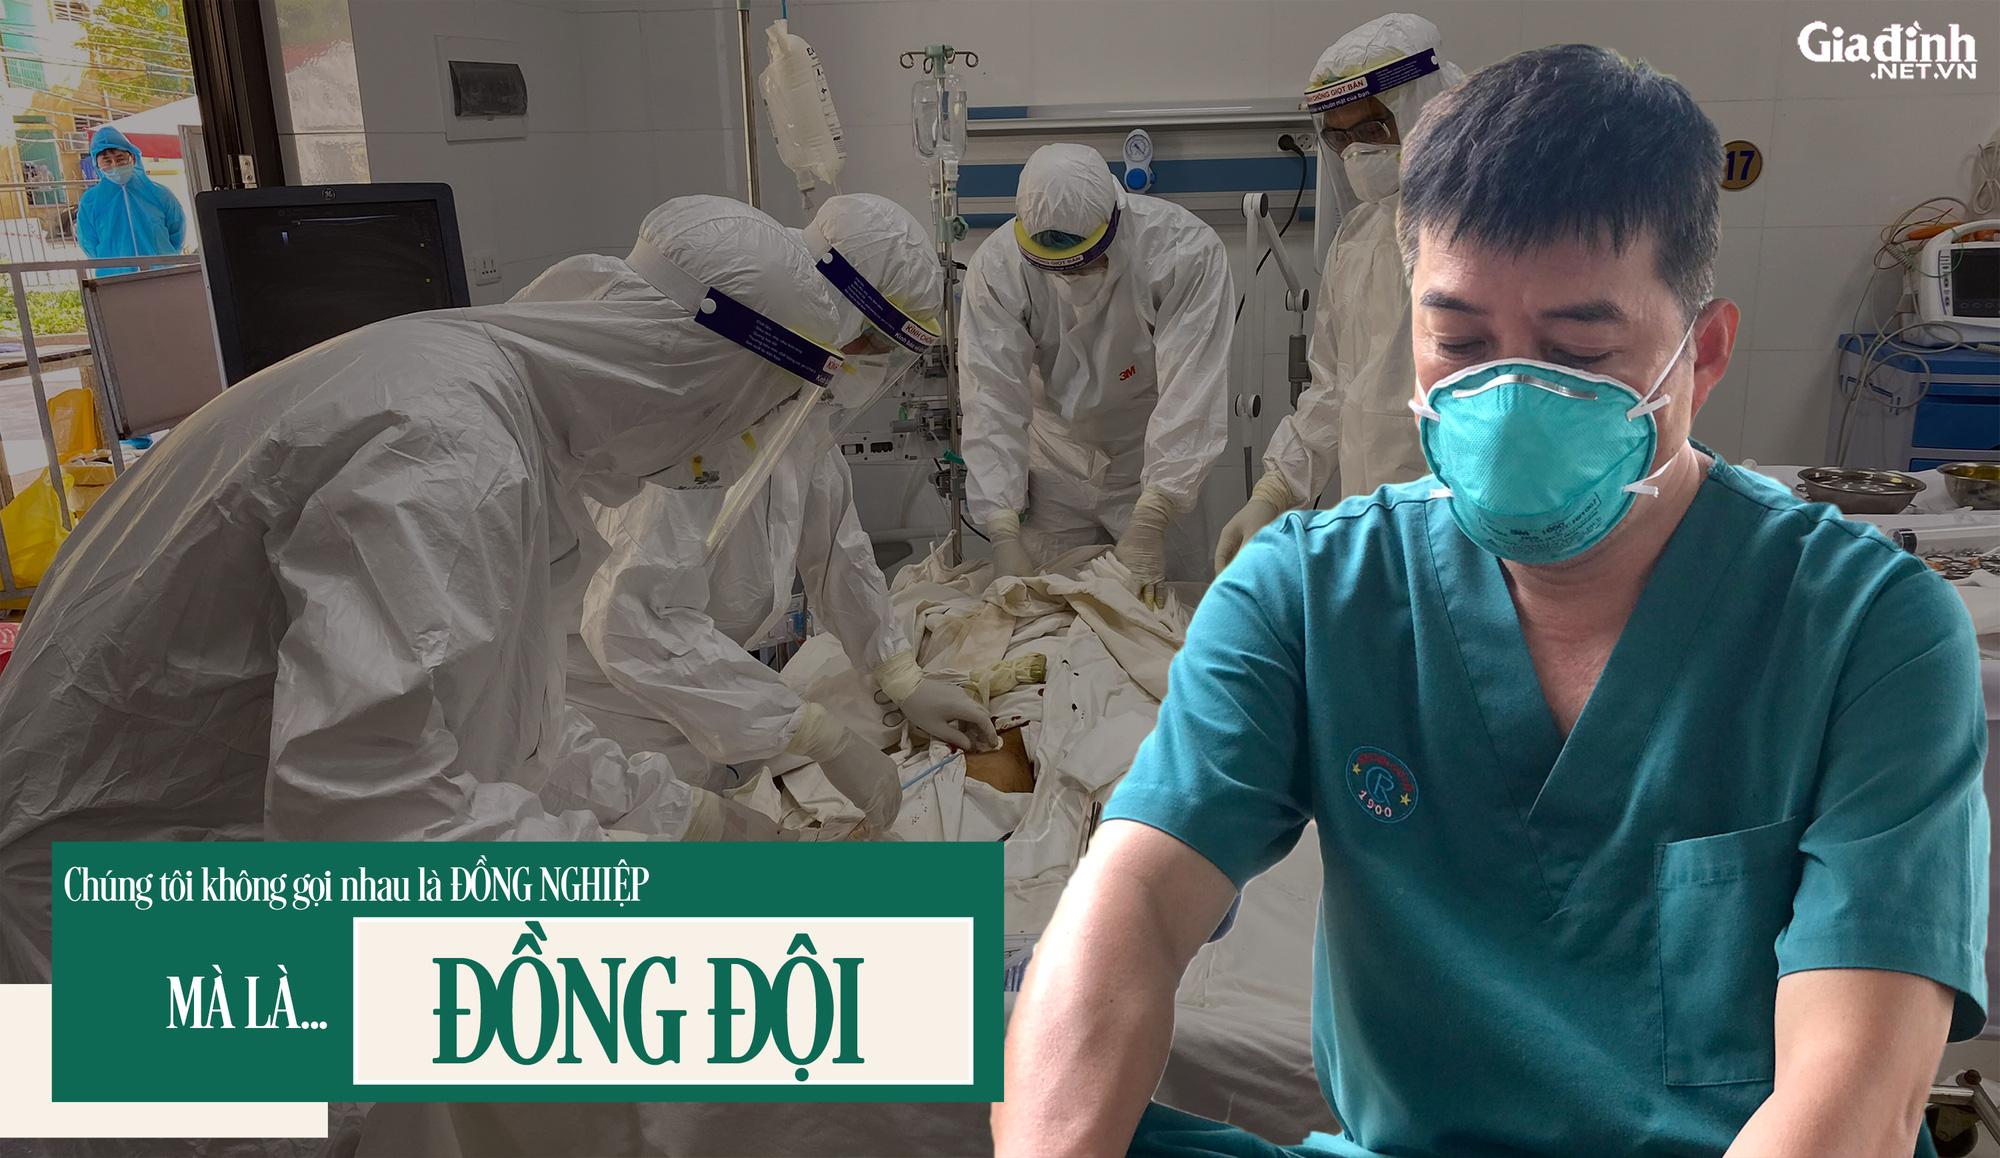 """BSCKII Trần Thanh Linh:""""Những ngày tháng này chúng tôi không gọi nhau là đồng nghiệp mà là đồng đội"""" - 1"""